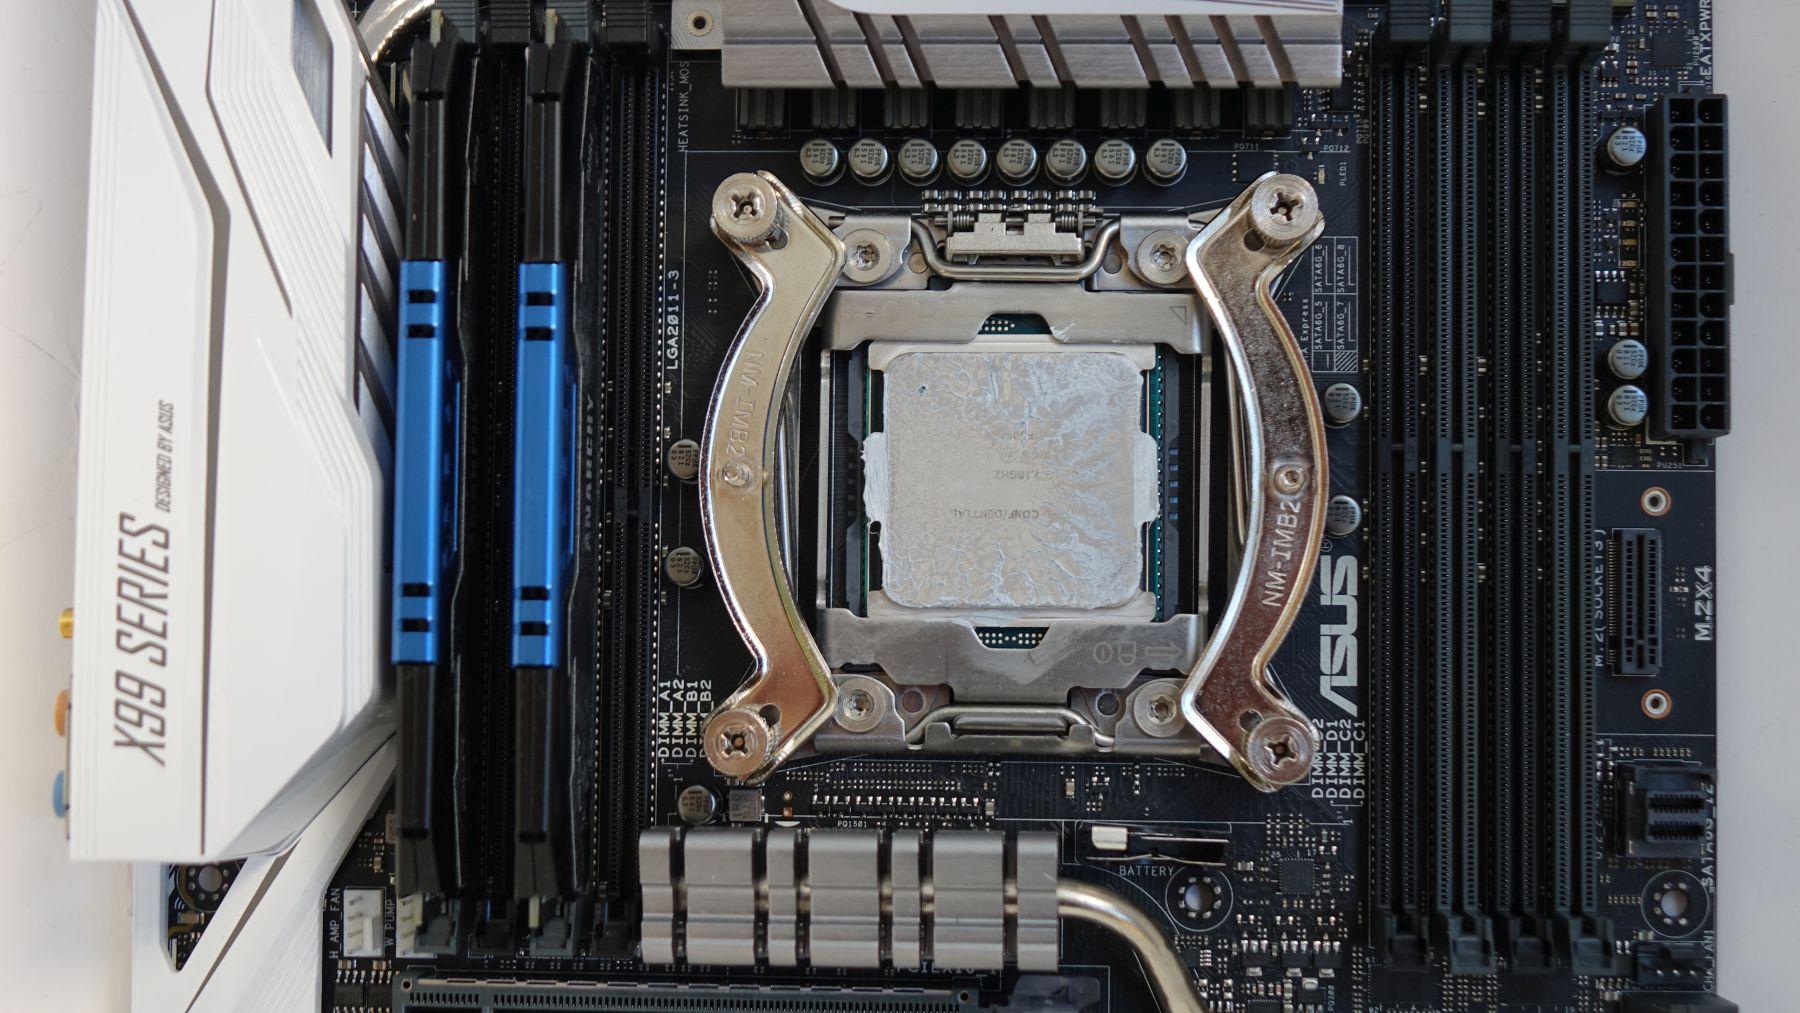 крепление и снимок пасты с процессора